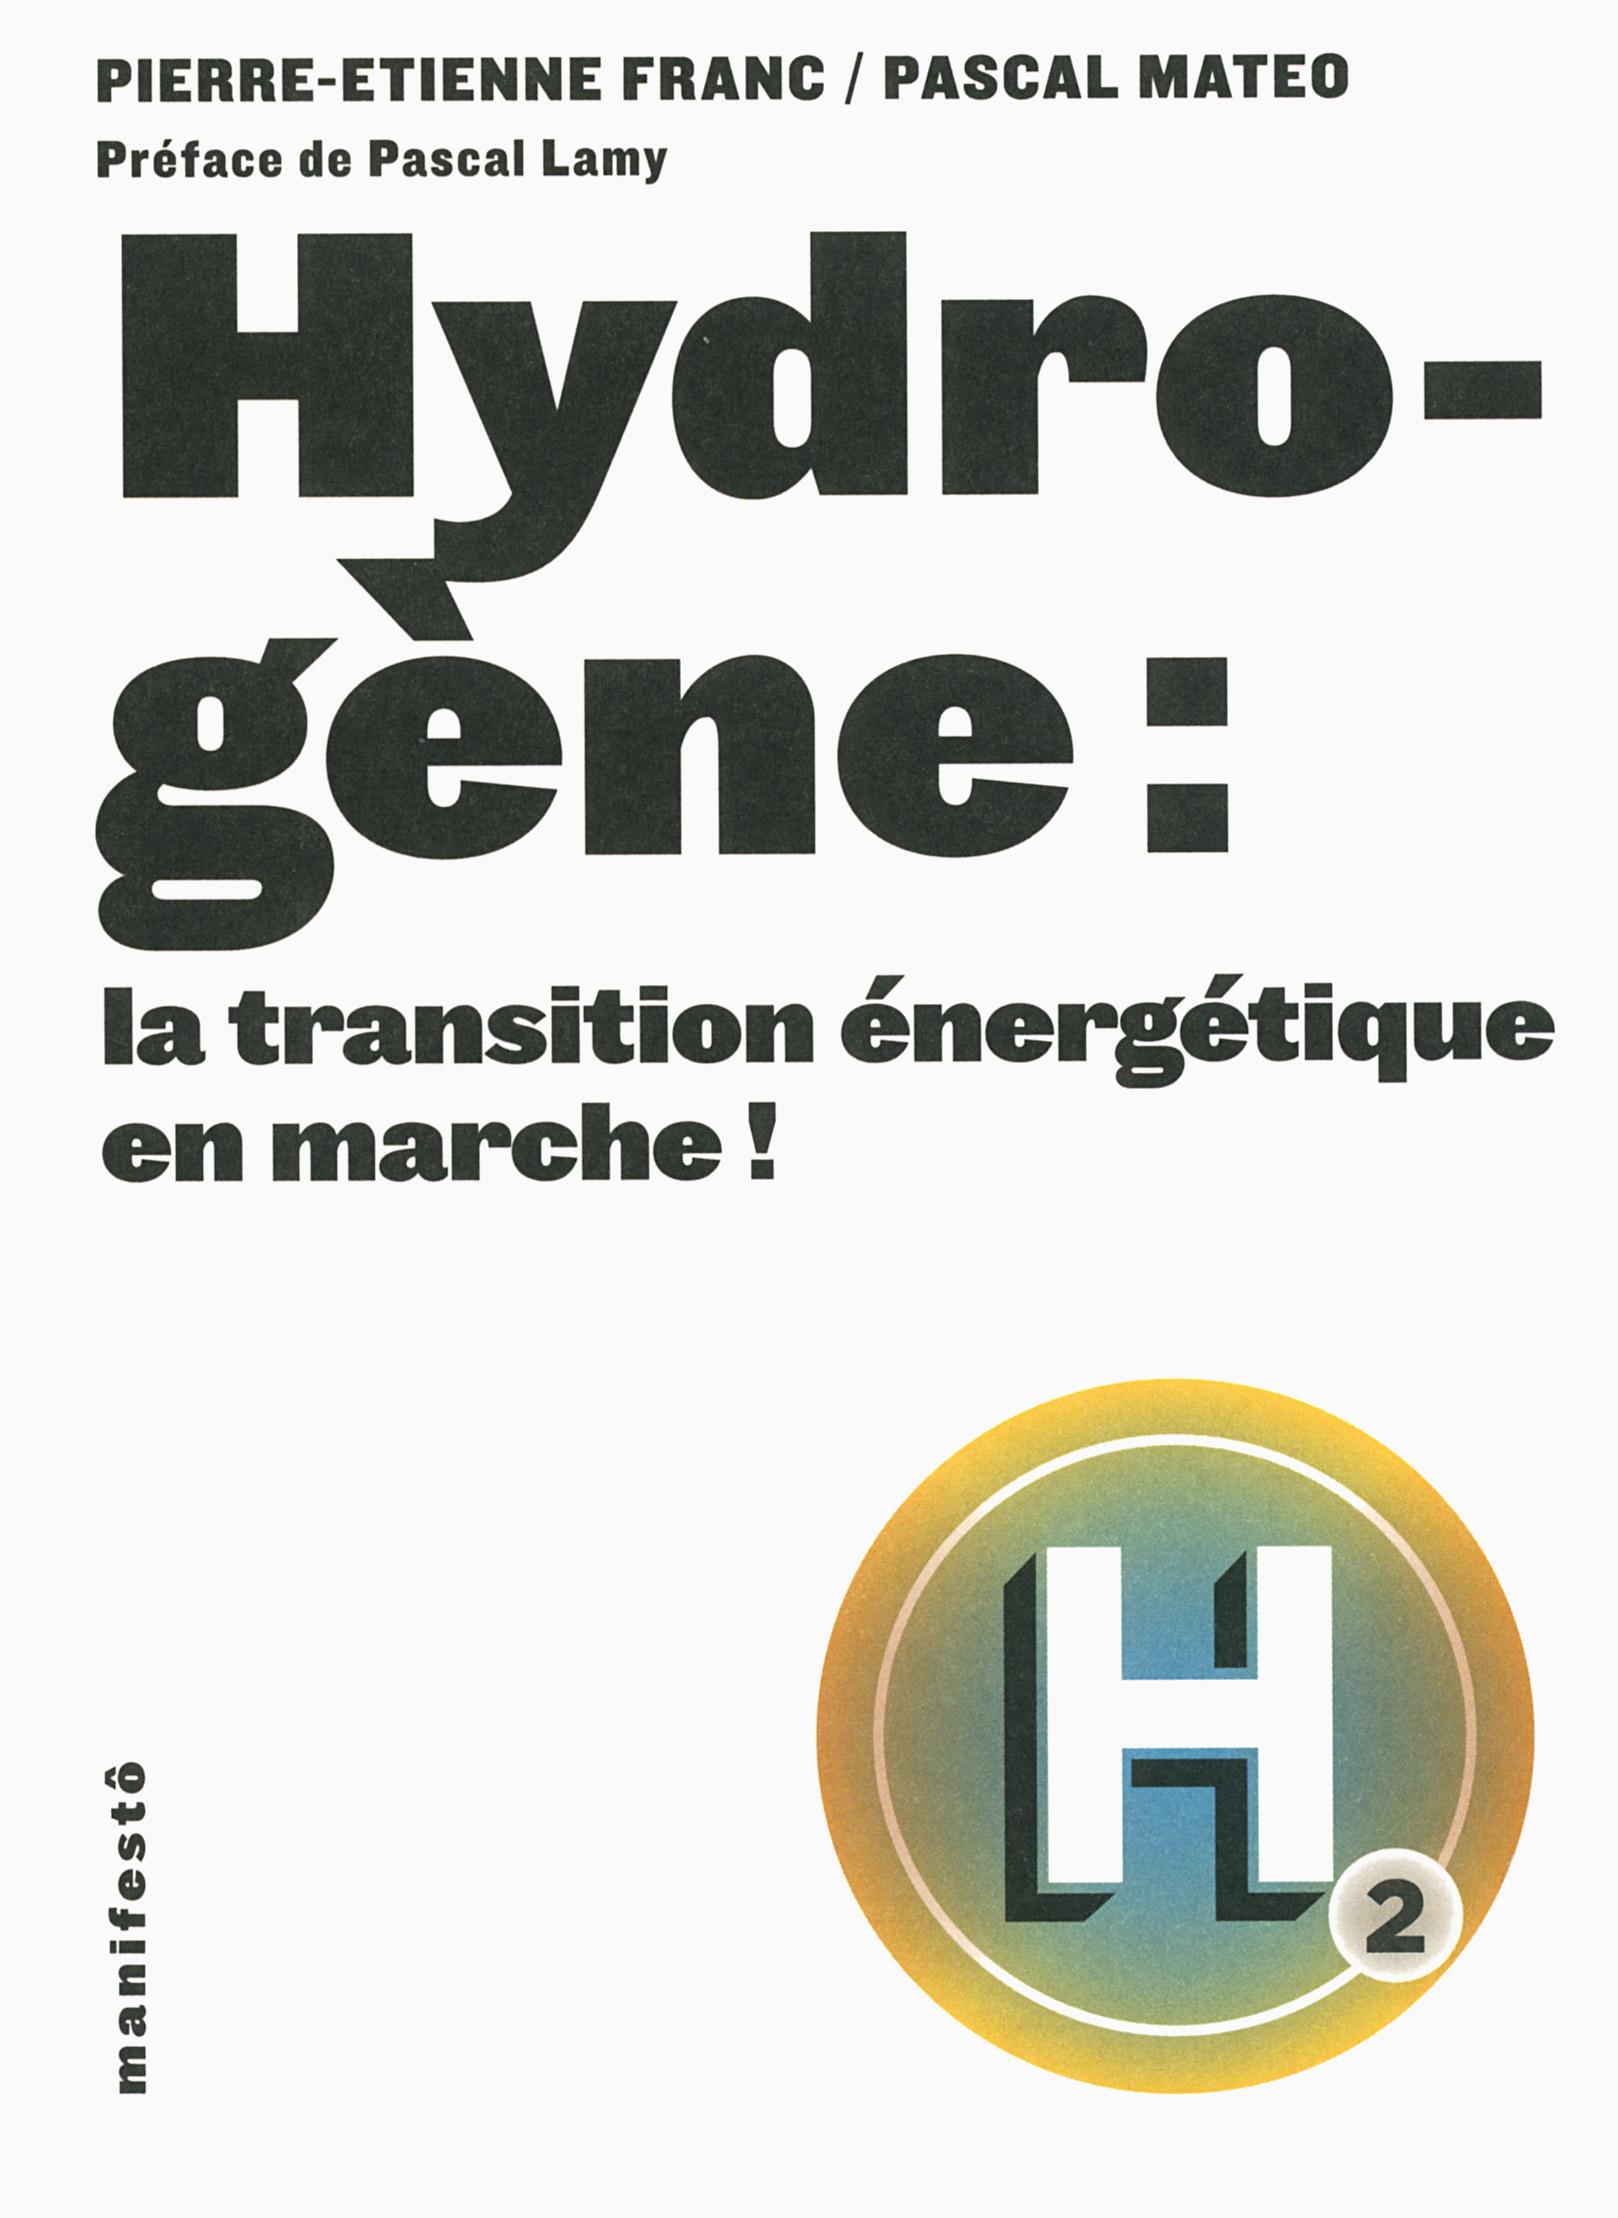 HYDROGENE : LA TRANSITION ENERGETIQUE EN MARCHE !